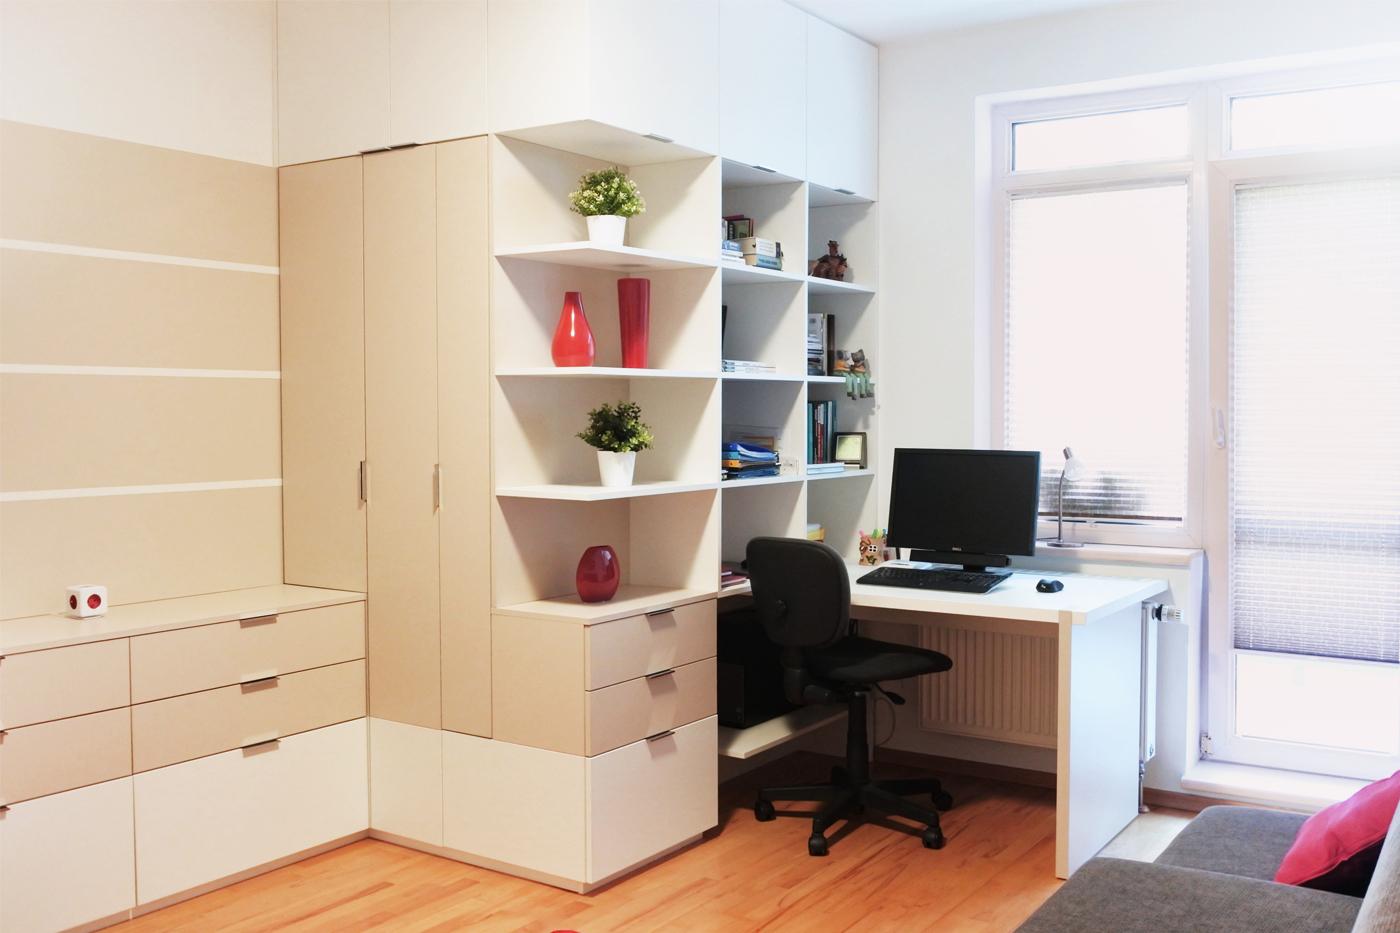 Hostovský pokoj s pracovnou. V jednom nábytkovém bloku je umístěná TV komoda, šatní skříň a knihovna s navazujícím pracovním stolem.